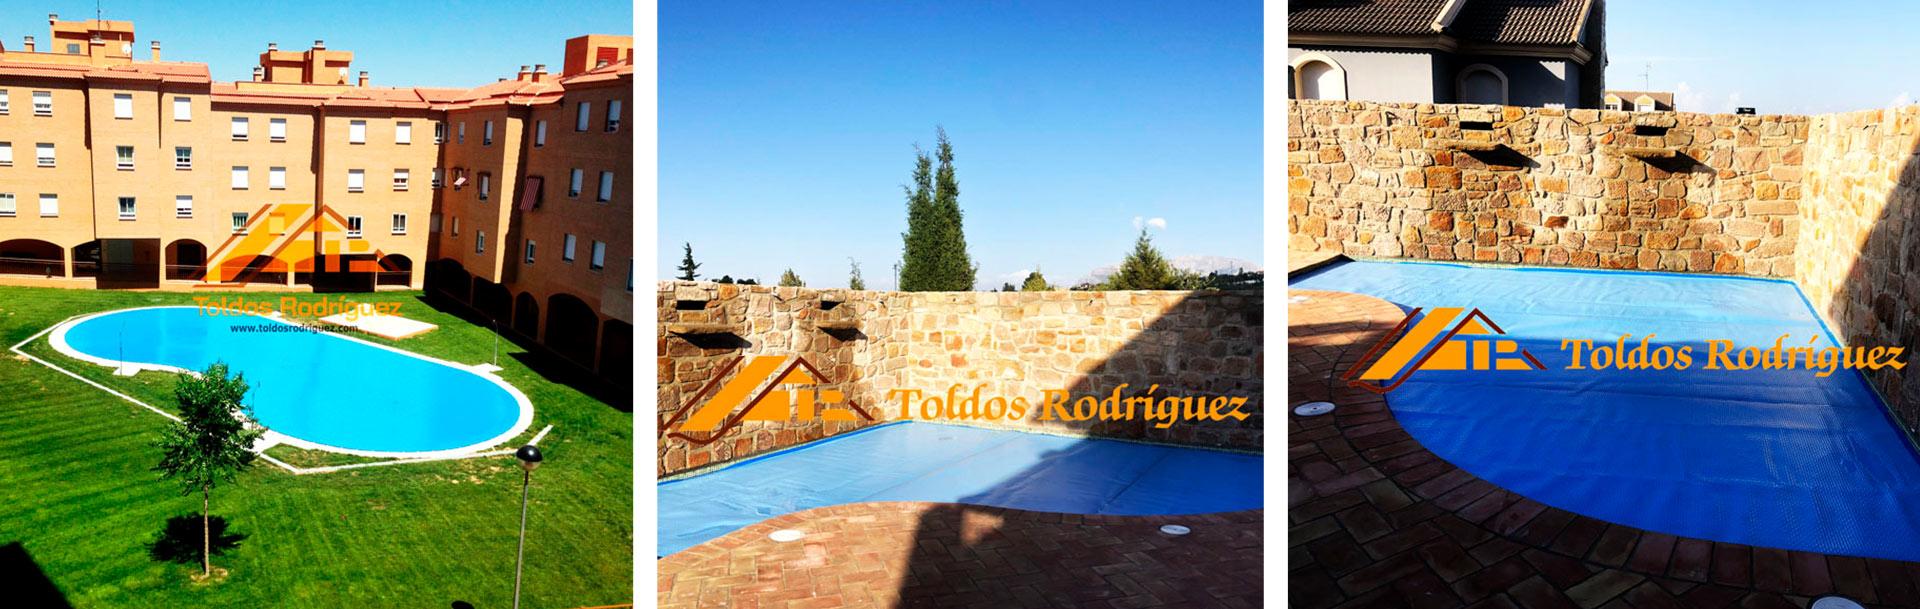 cobertores-de-invierno-para-piscinas